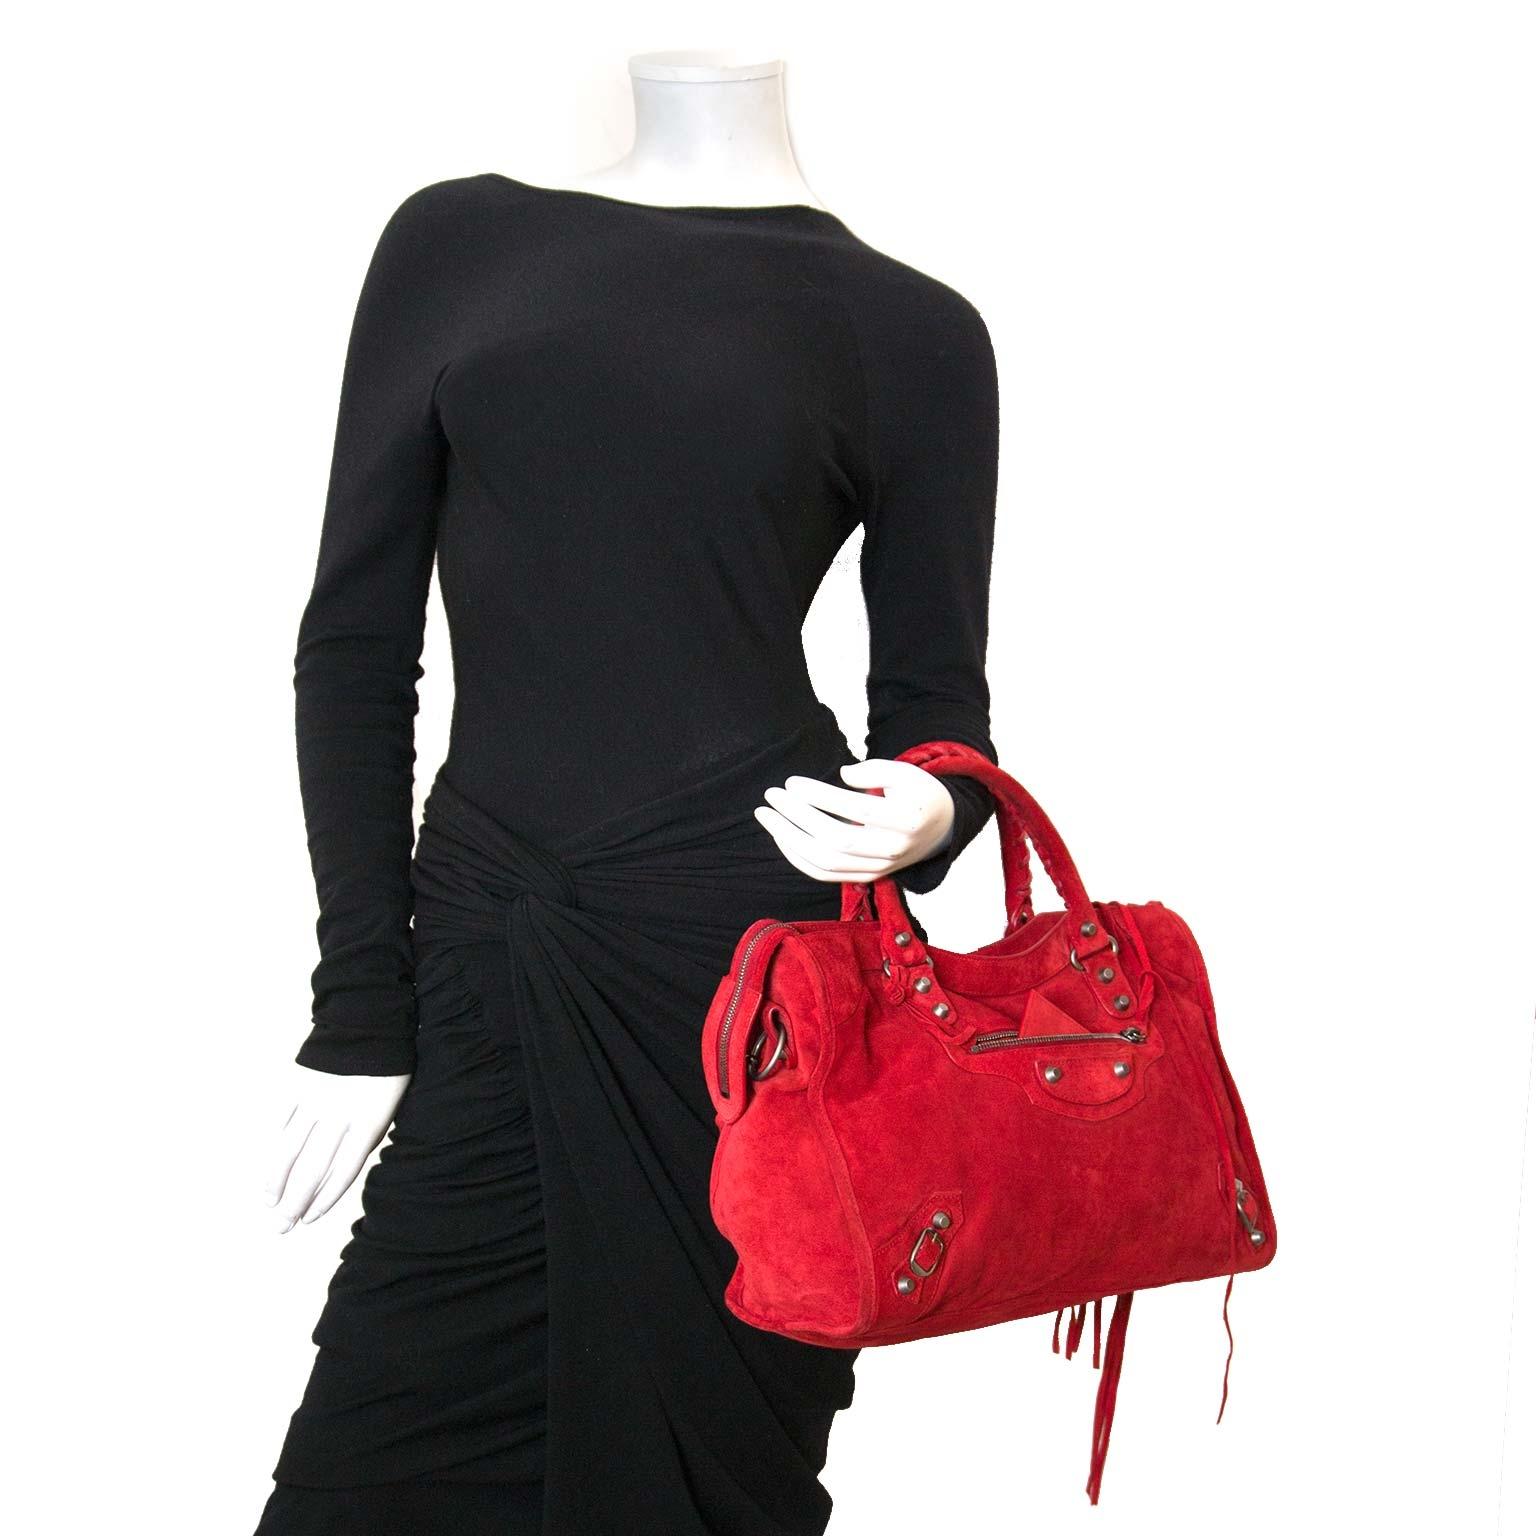 Koop authentieke balenciaga suede city tas bij labellov vintage mode webshop belgië